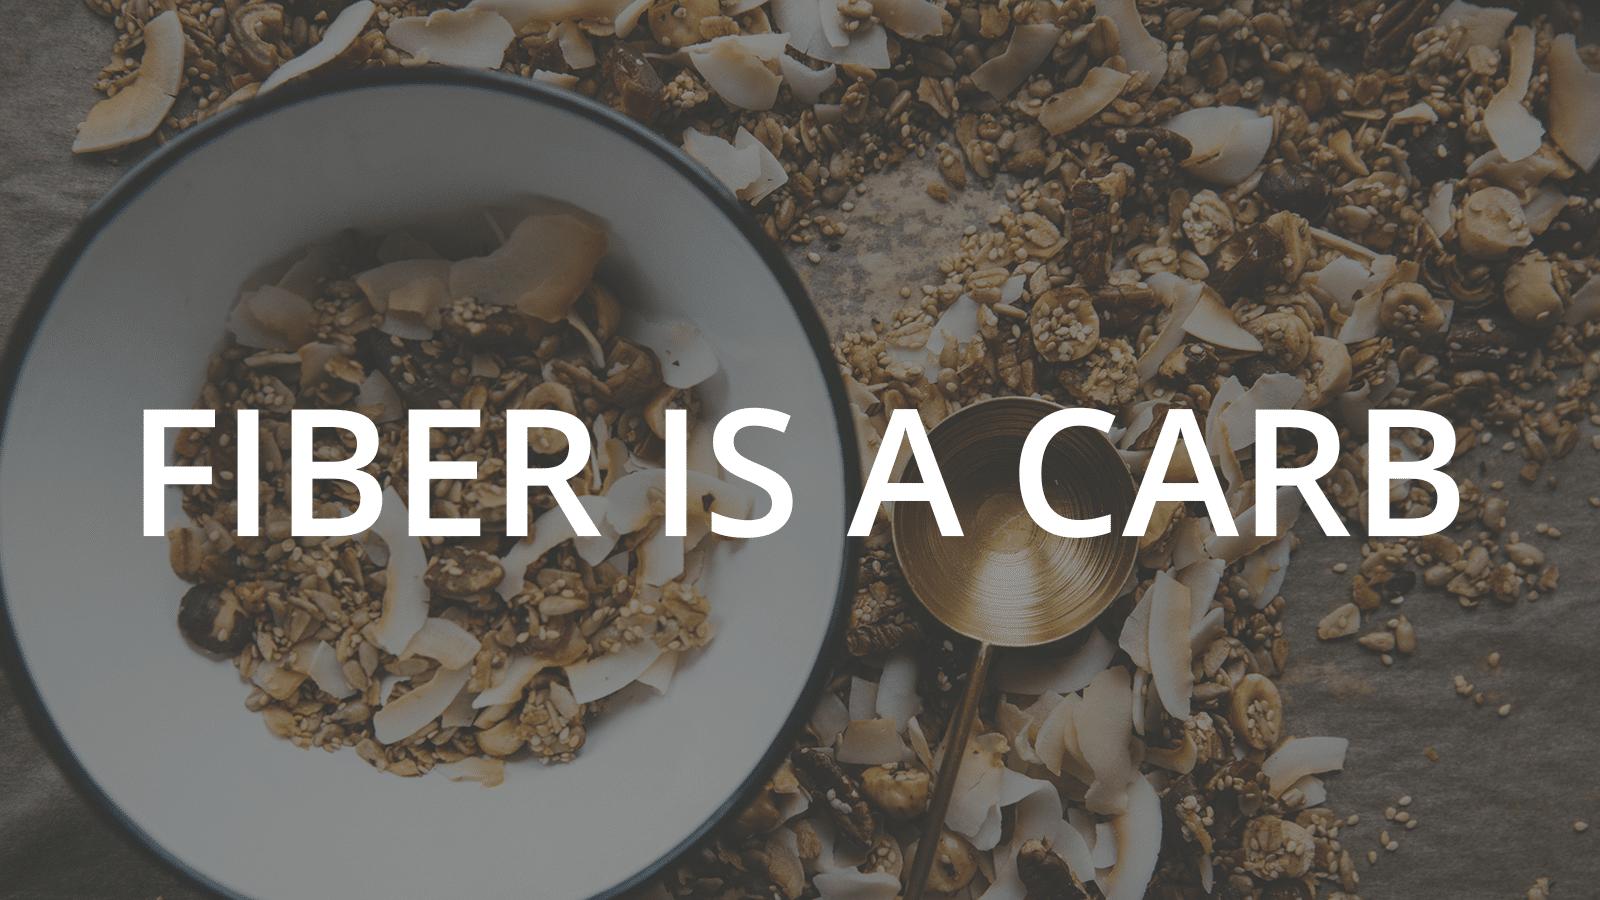 fiber is a carb article